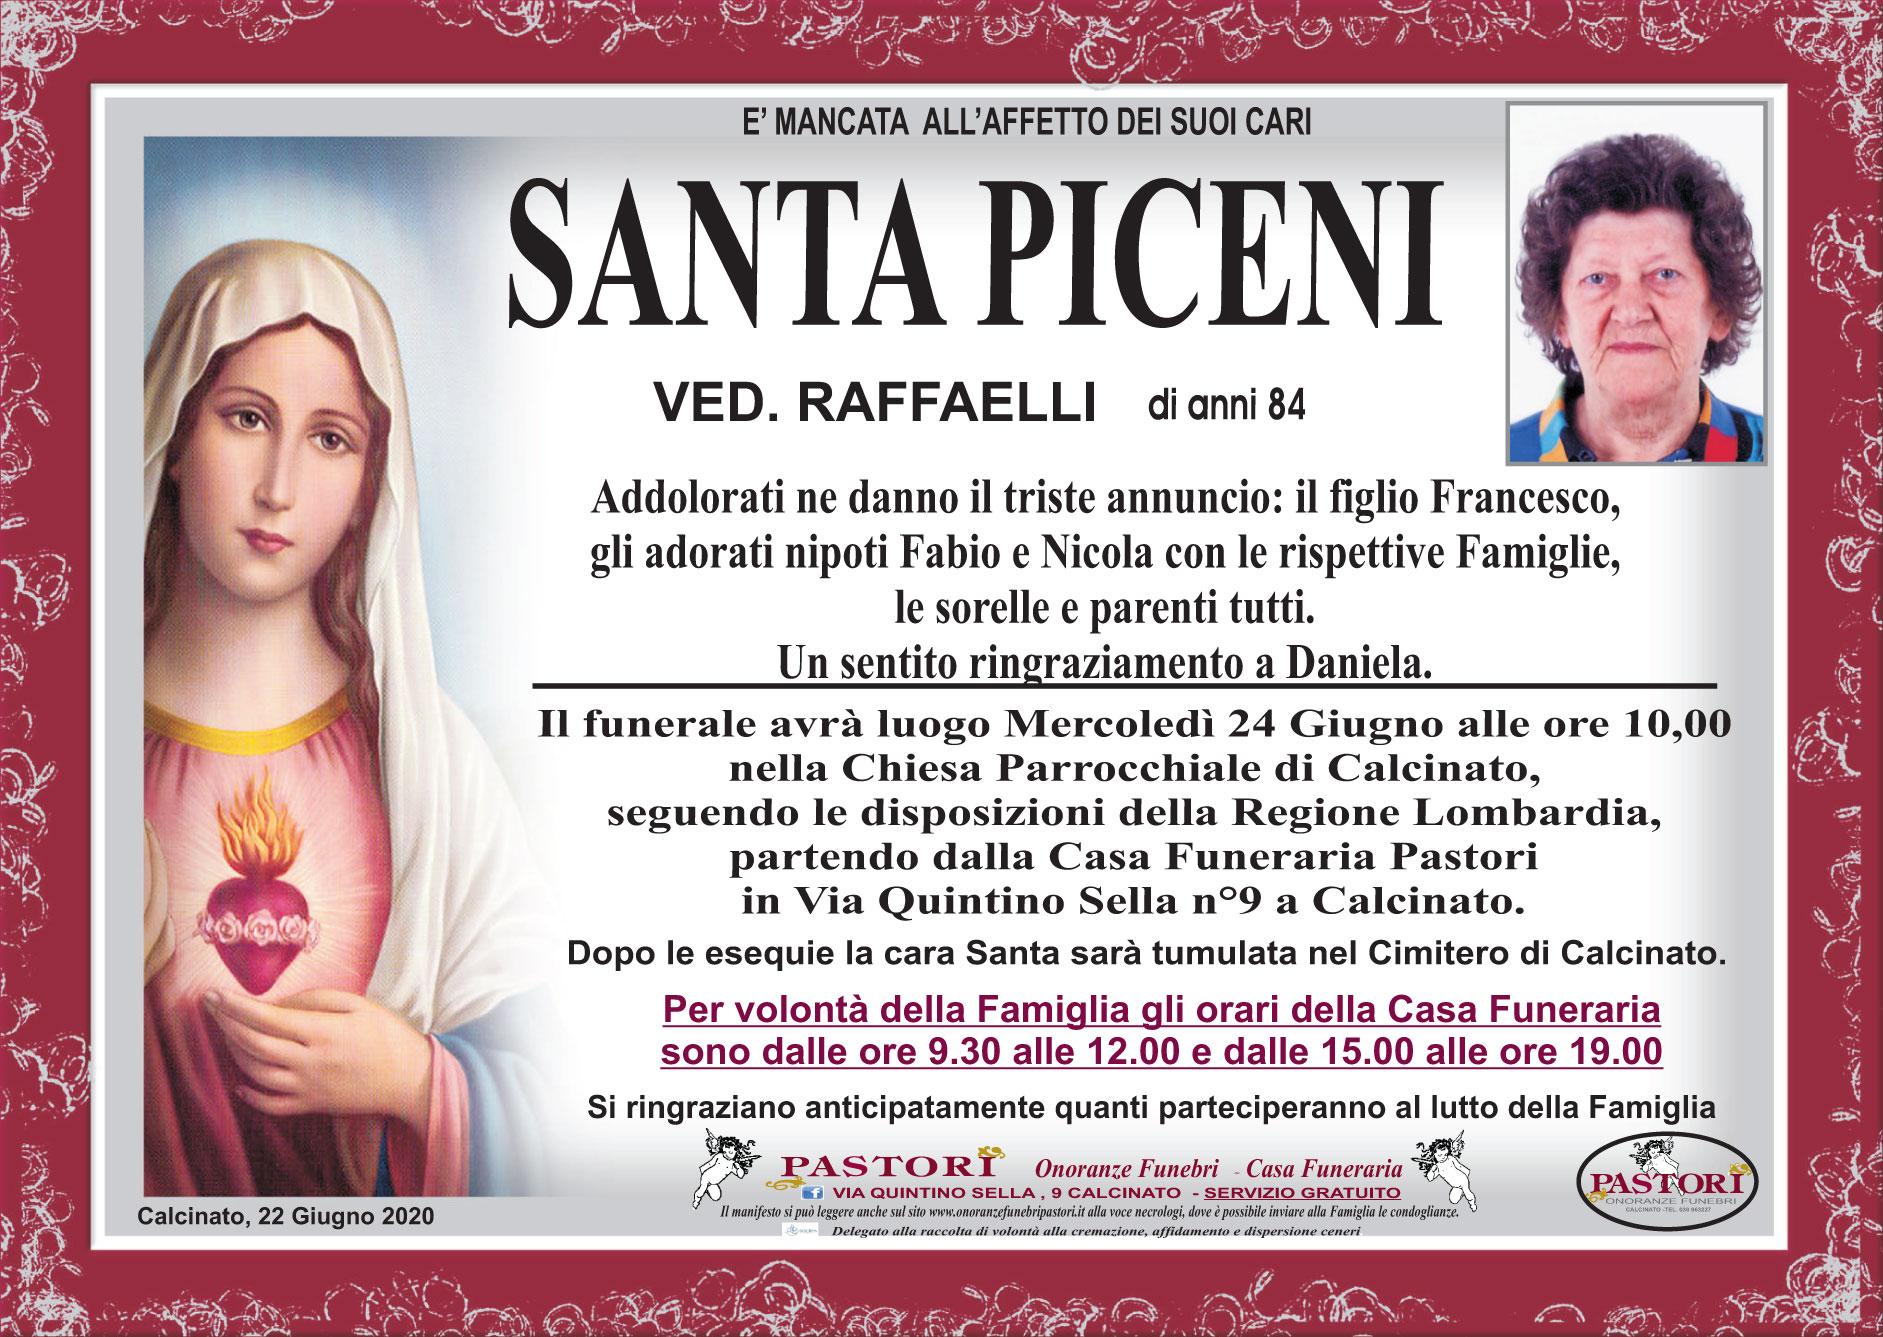 Santa Piceni